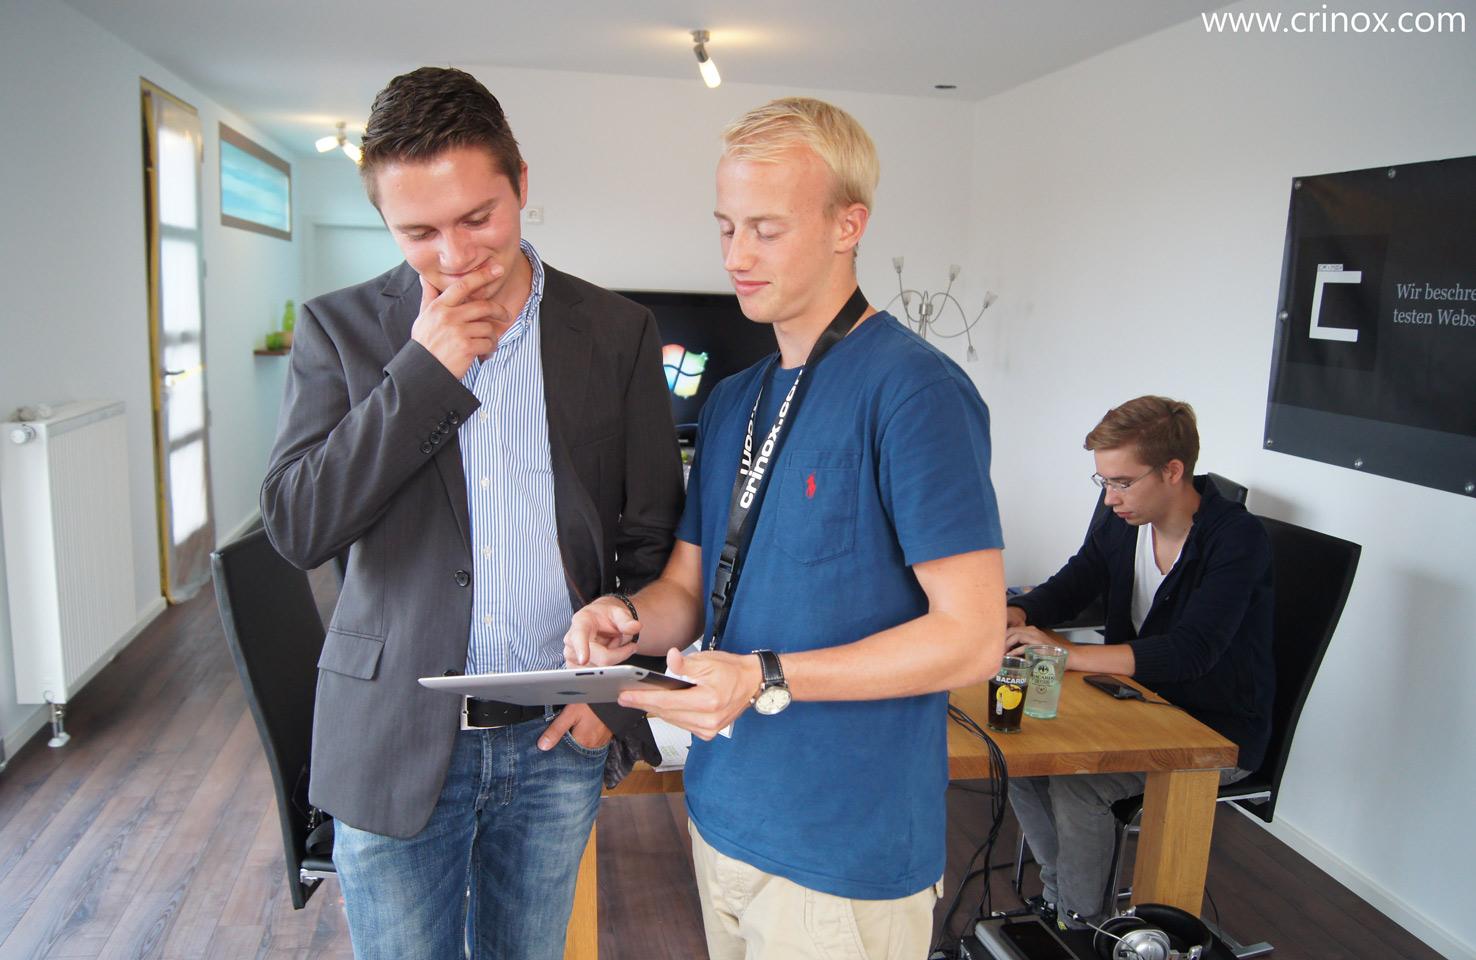 Christoph David Schneider im Gespräch im Smarthouse